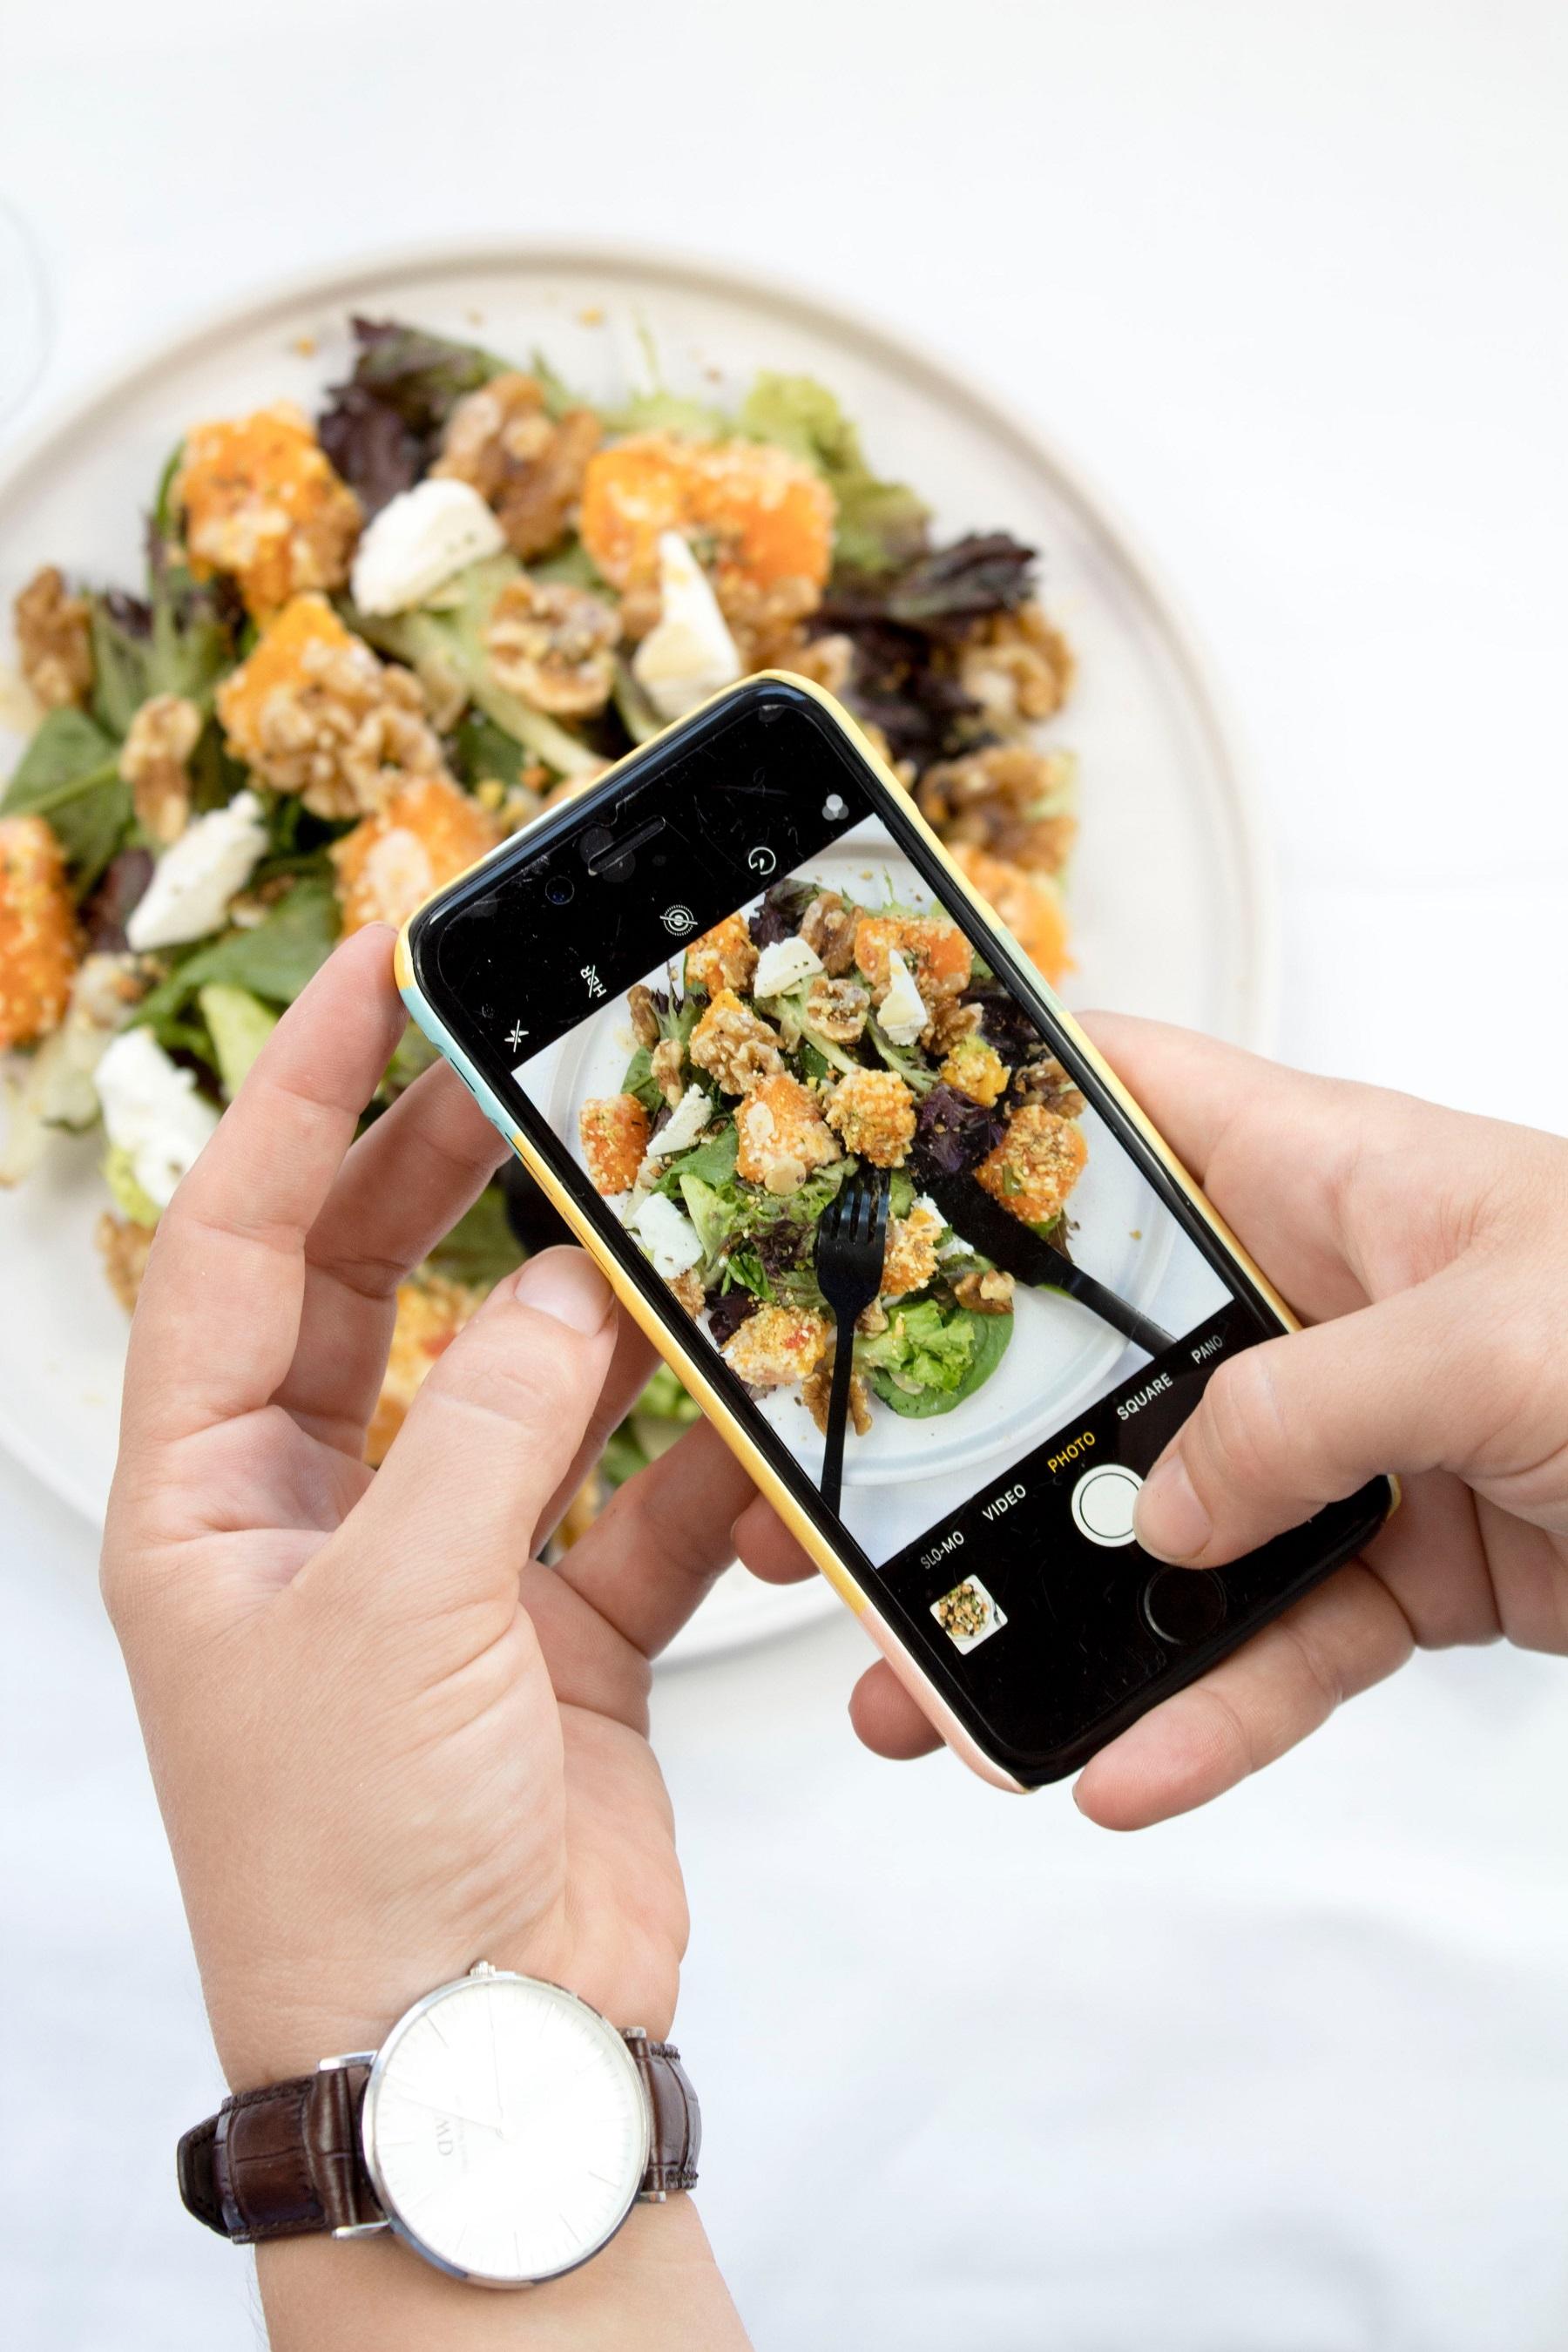 картинки фотографируют еду или вытяжка позвоночника